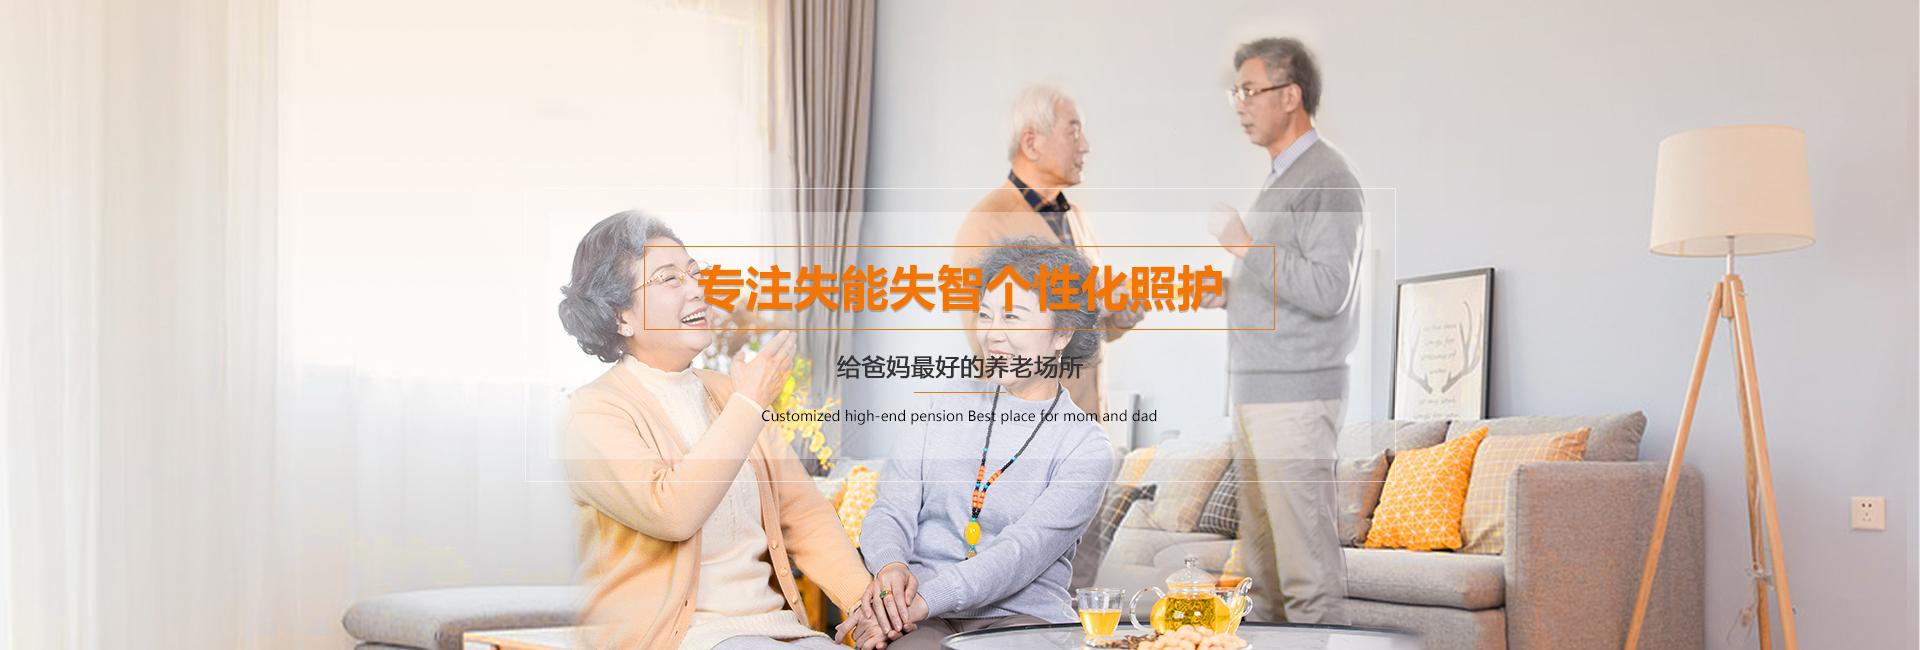 桂林养老院分享老人居家养老需要注意以下几点